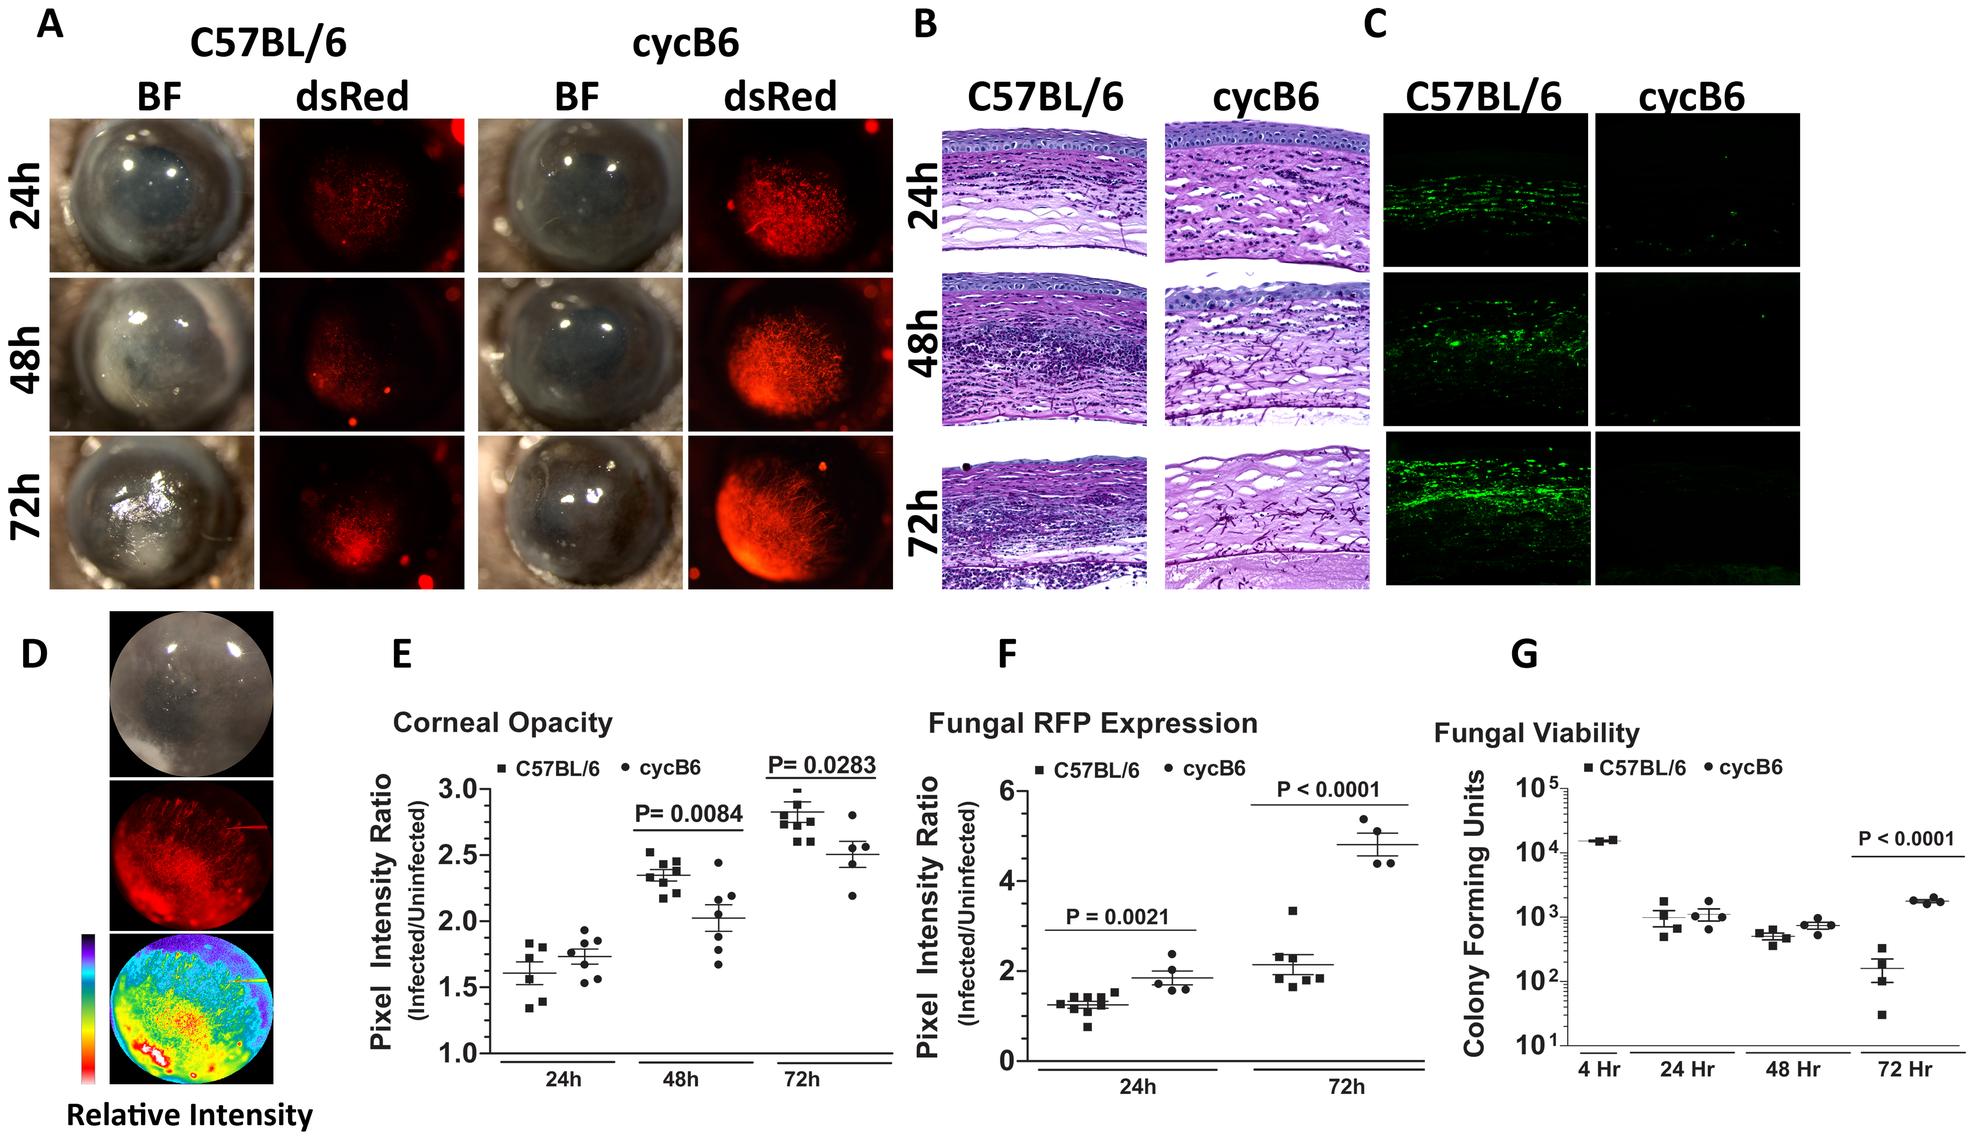 <i>Aspergillus fumigatus</i> keratitis in cyclophosphamide treated mice.